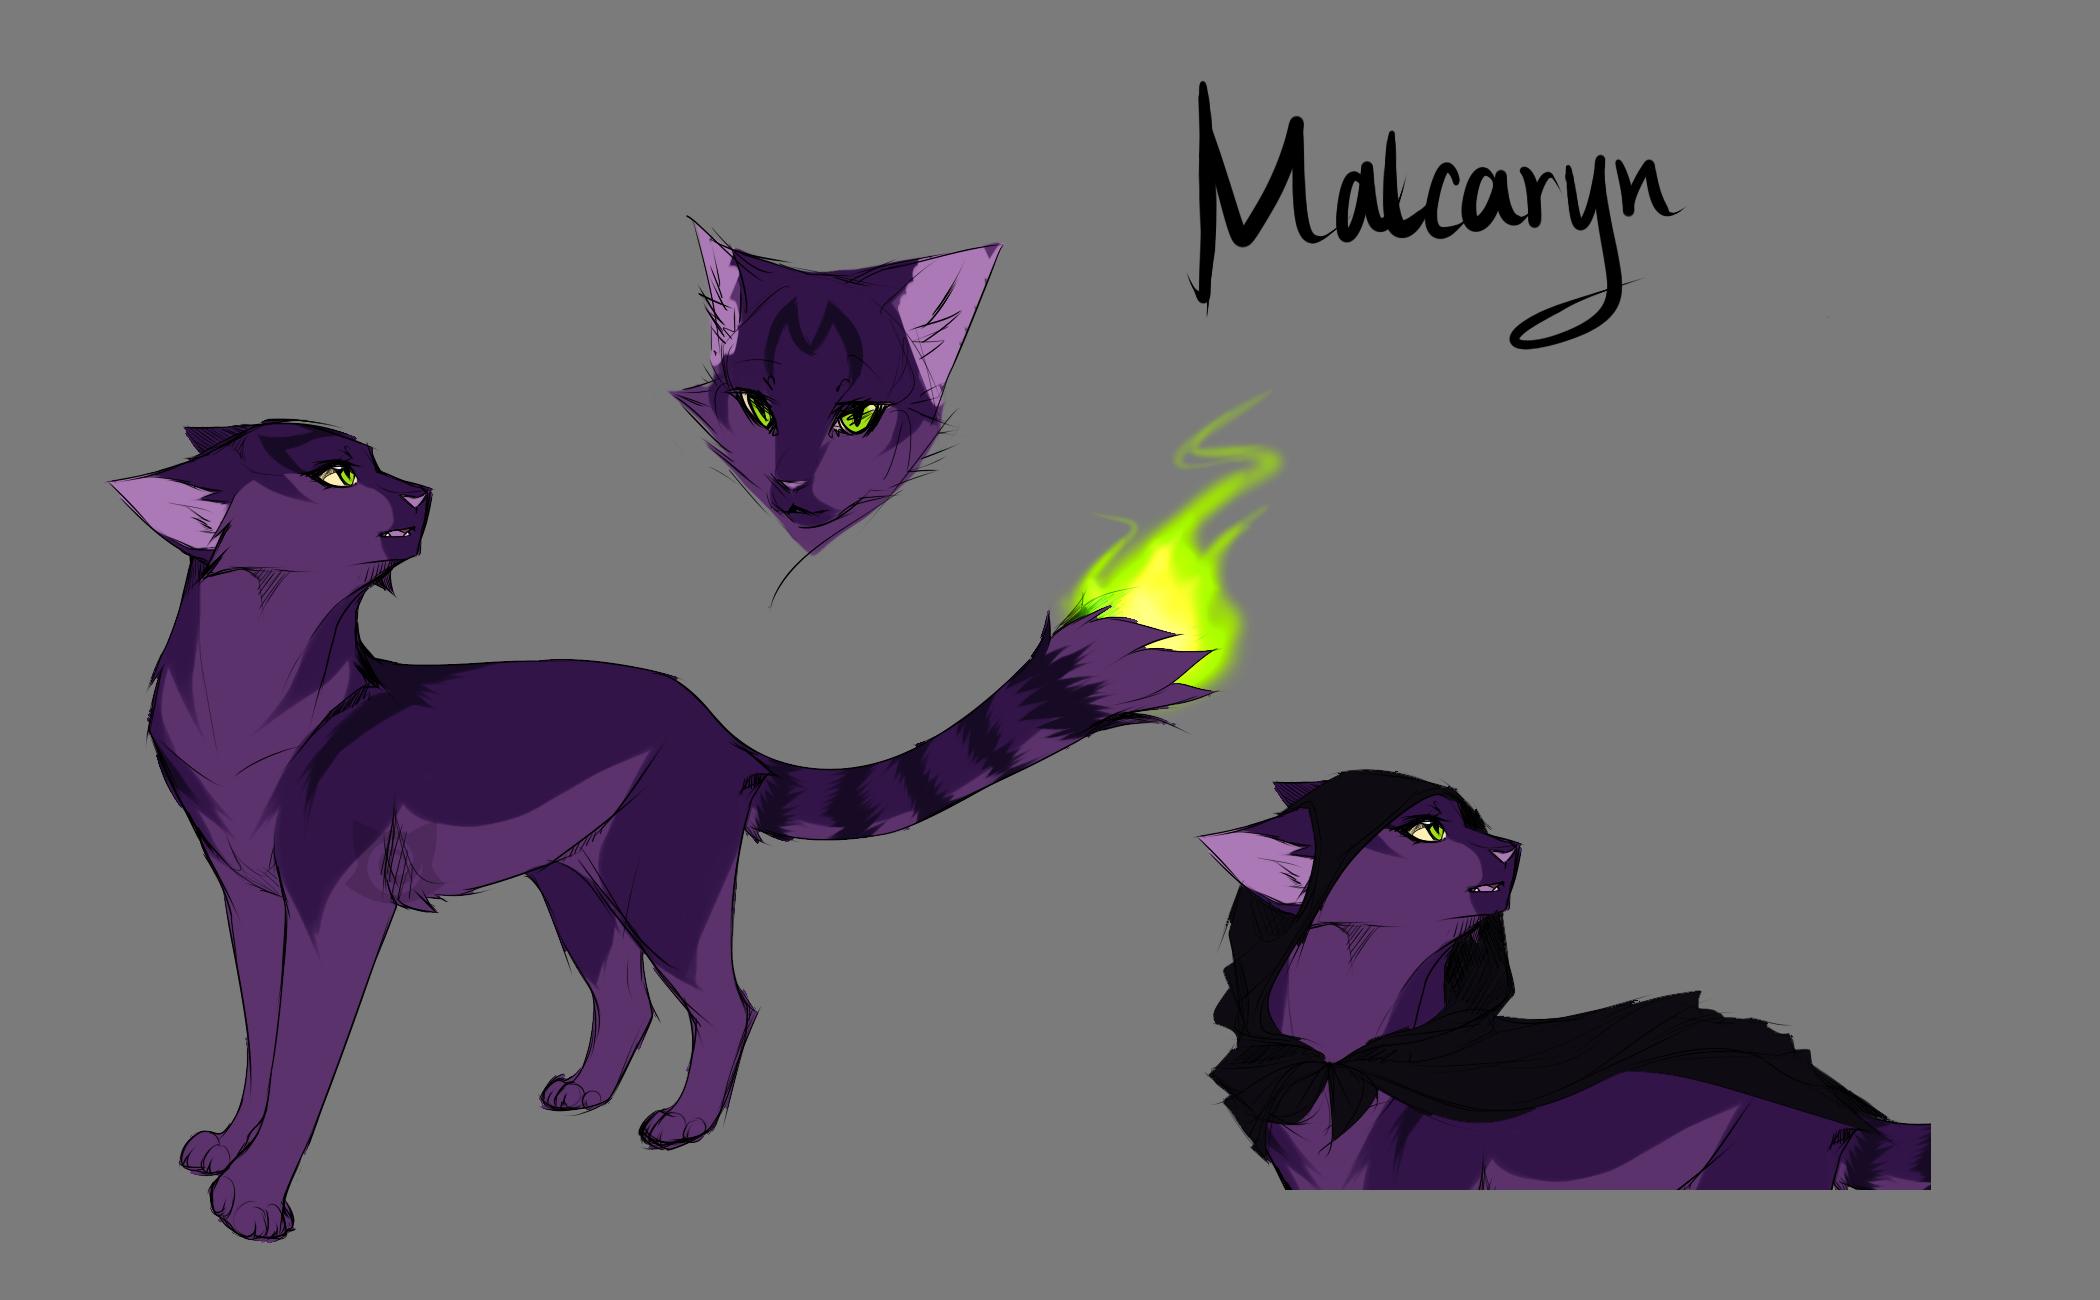 Malcaryn by Capukat